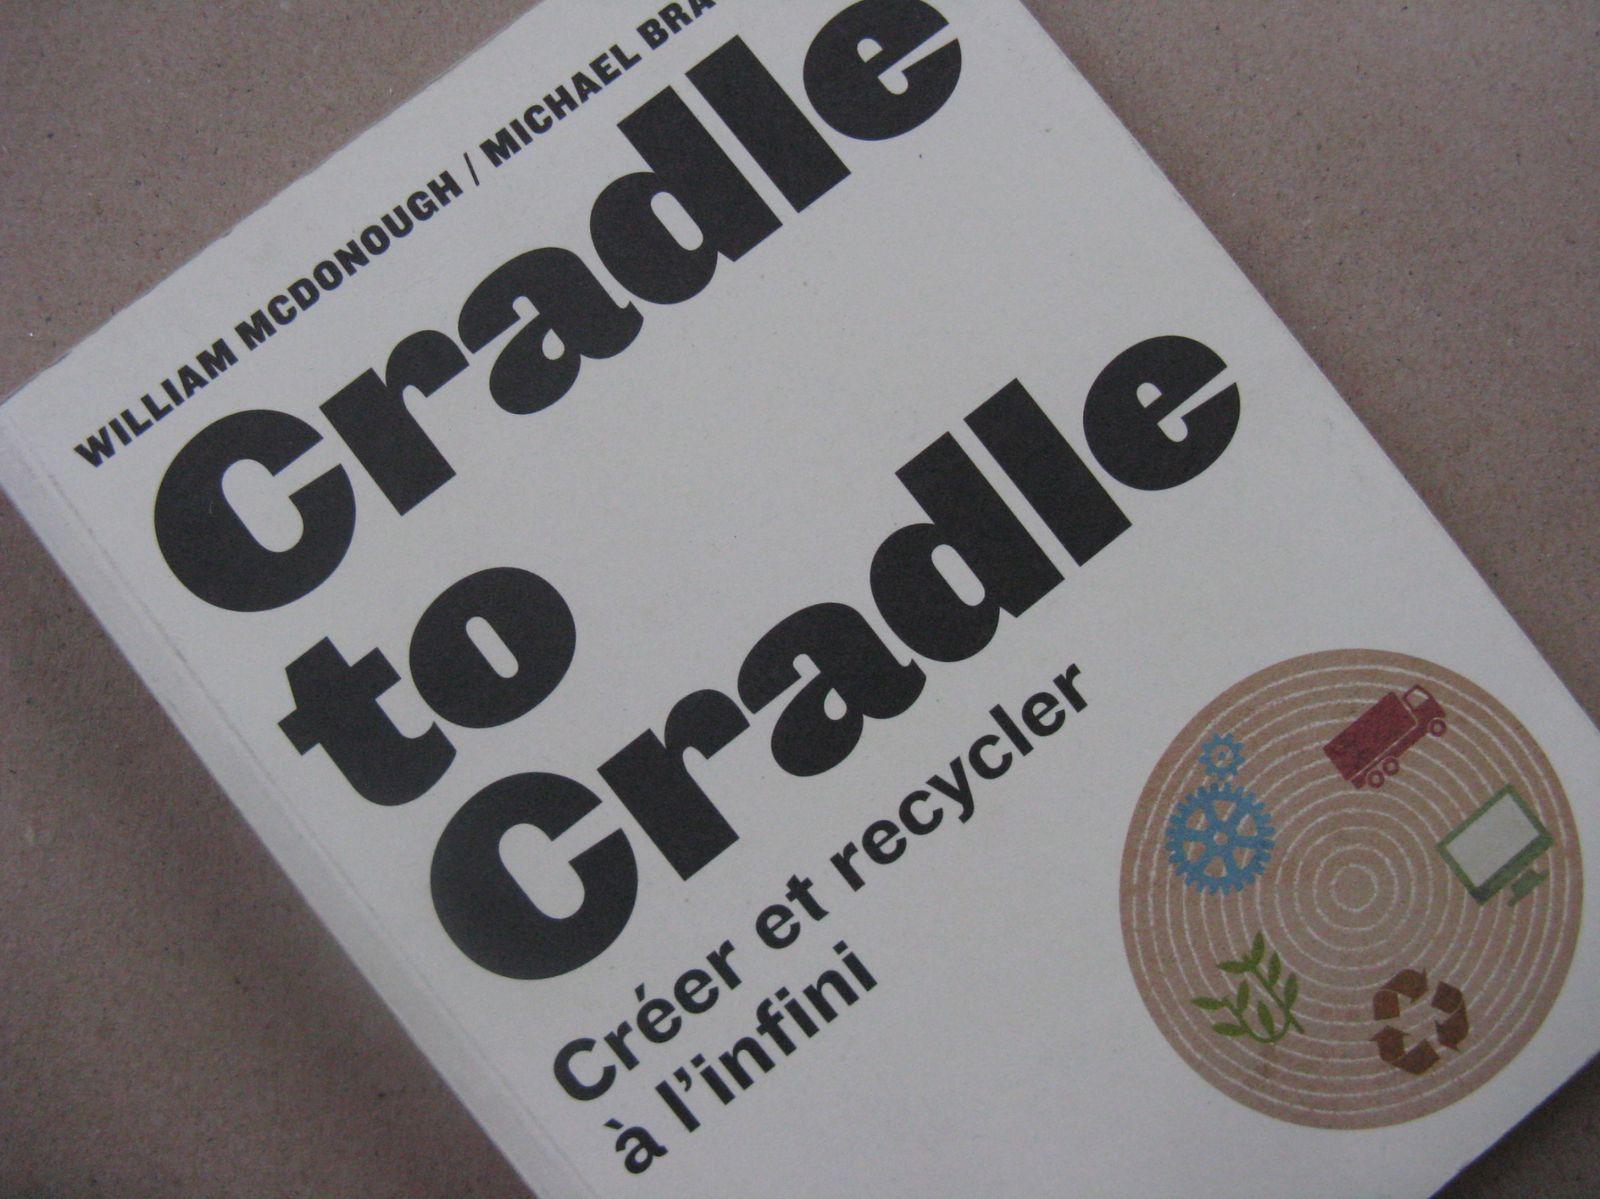 De l'état des lieux (Le livre noir de l'environnement...) à la perspective sombre (La Route, Homo Disparitus...) ou pleine d'espoir (Cradle to Cradle, Vers une écologie industrielle...).